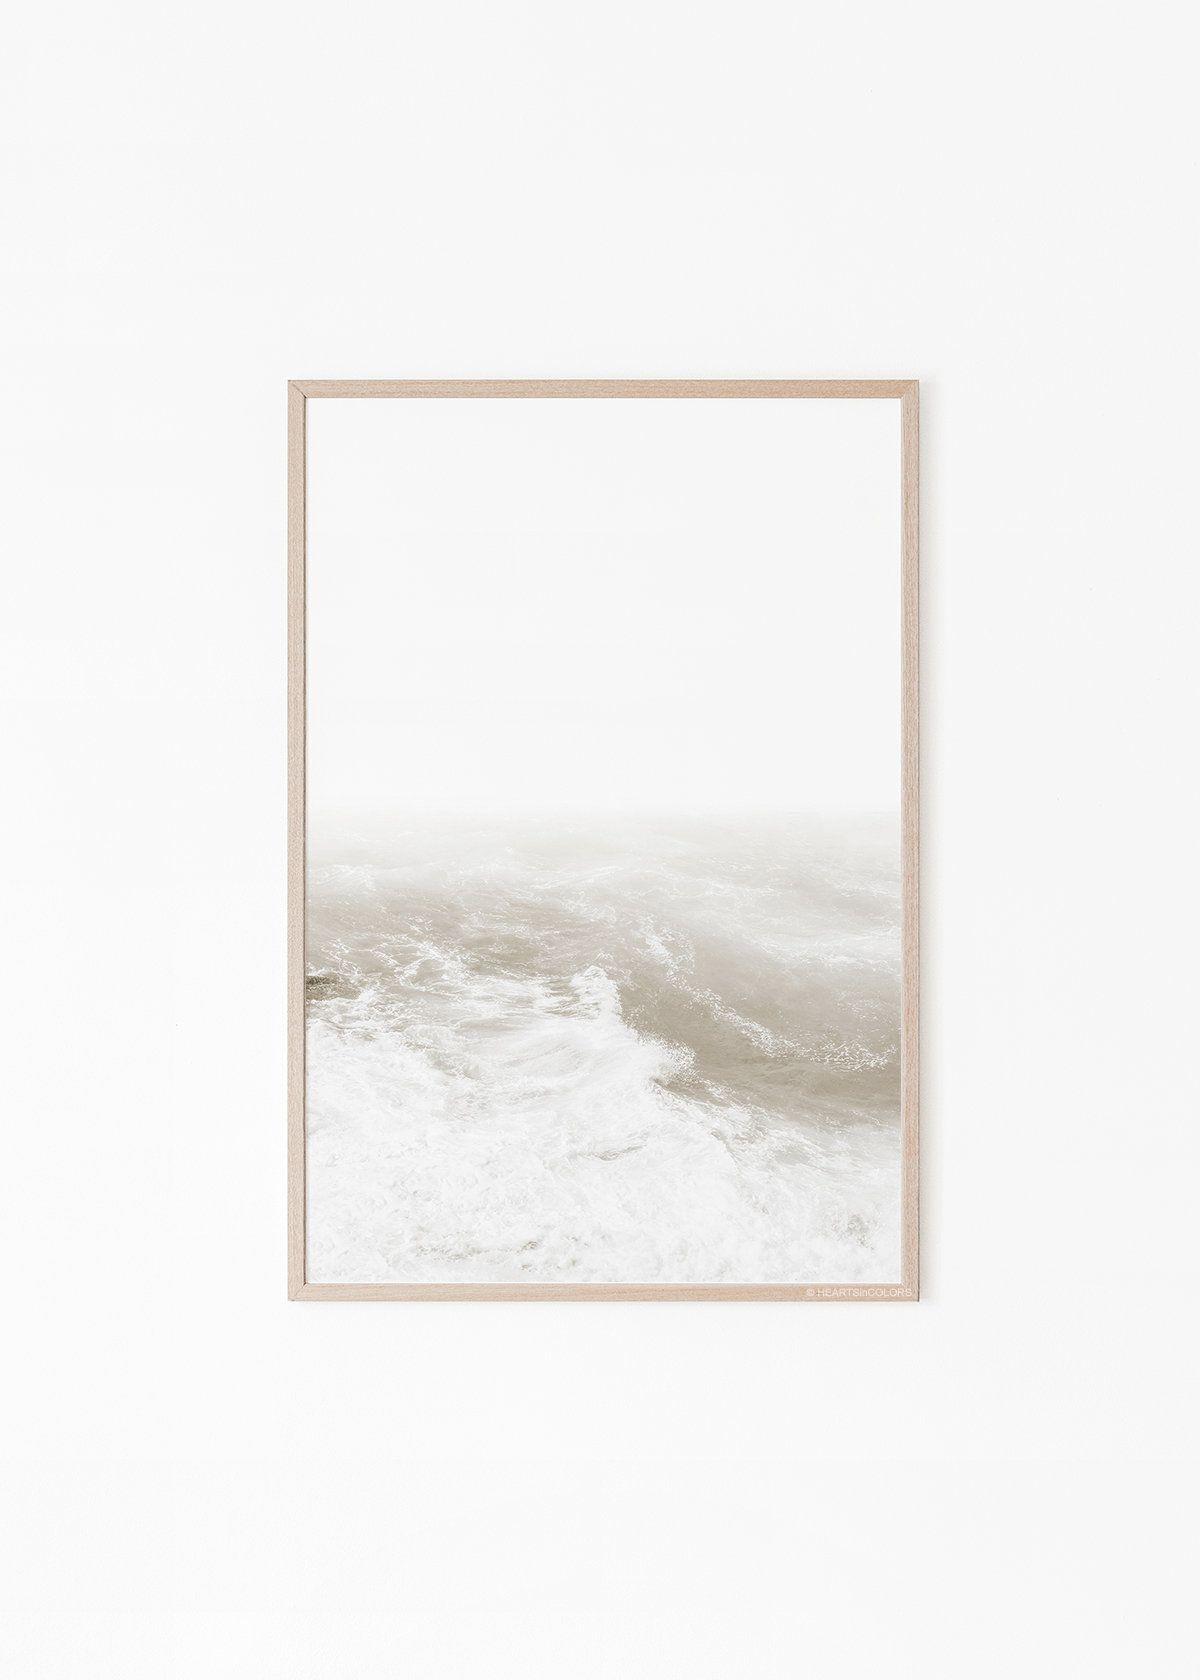 Pale Ocean Print Ocean Waves White Beige Muted Ocean Print Waves